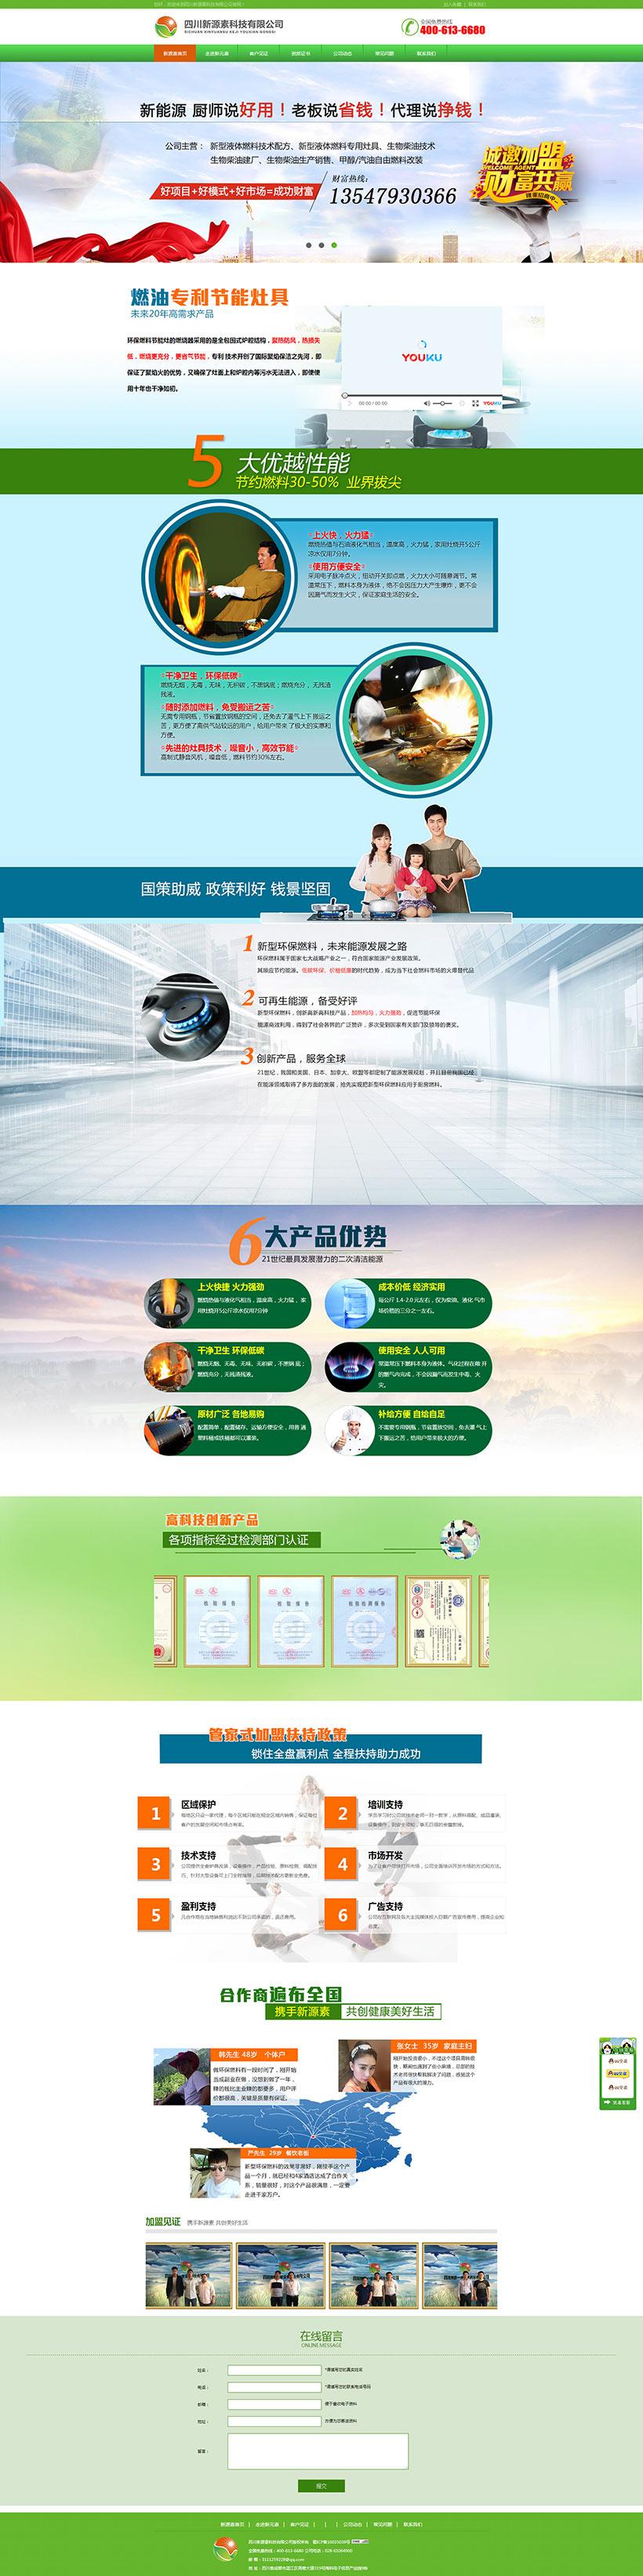 四川新源素科技有限公司官网